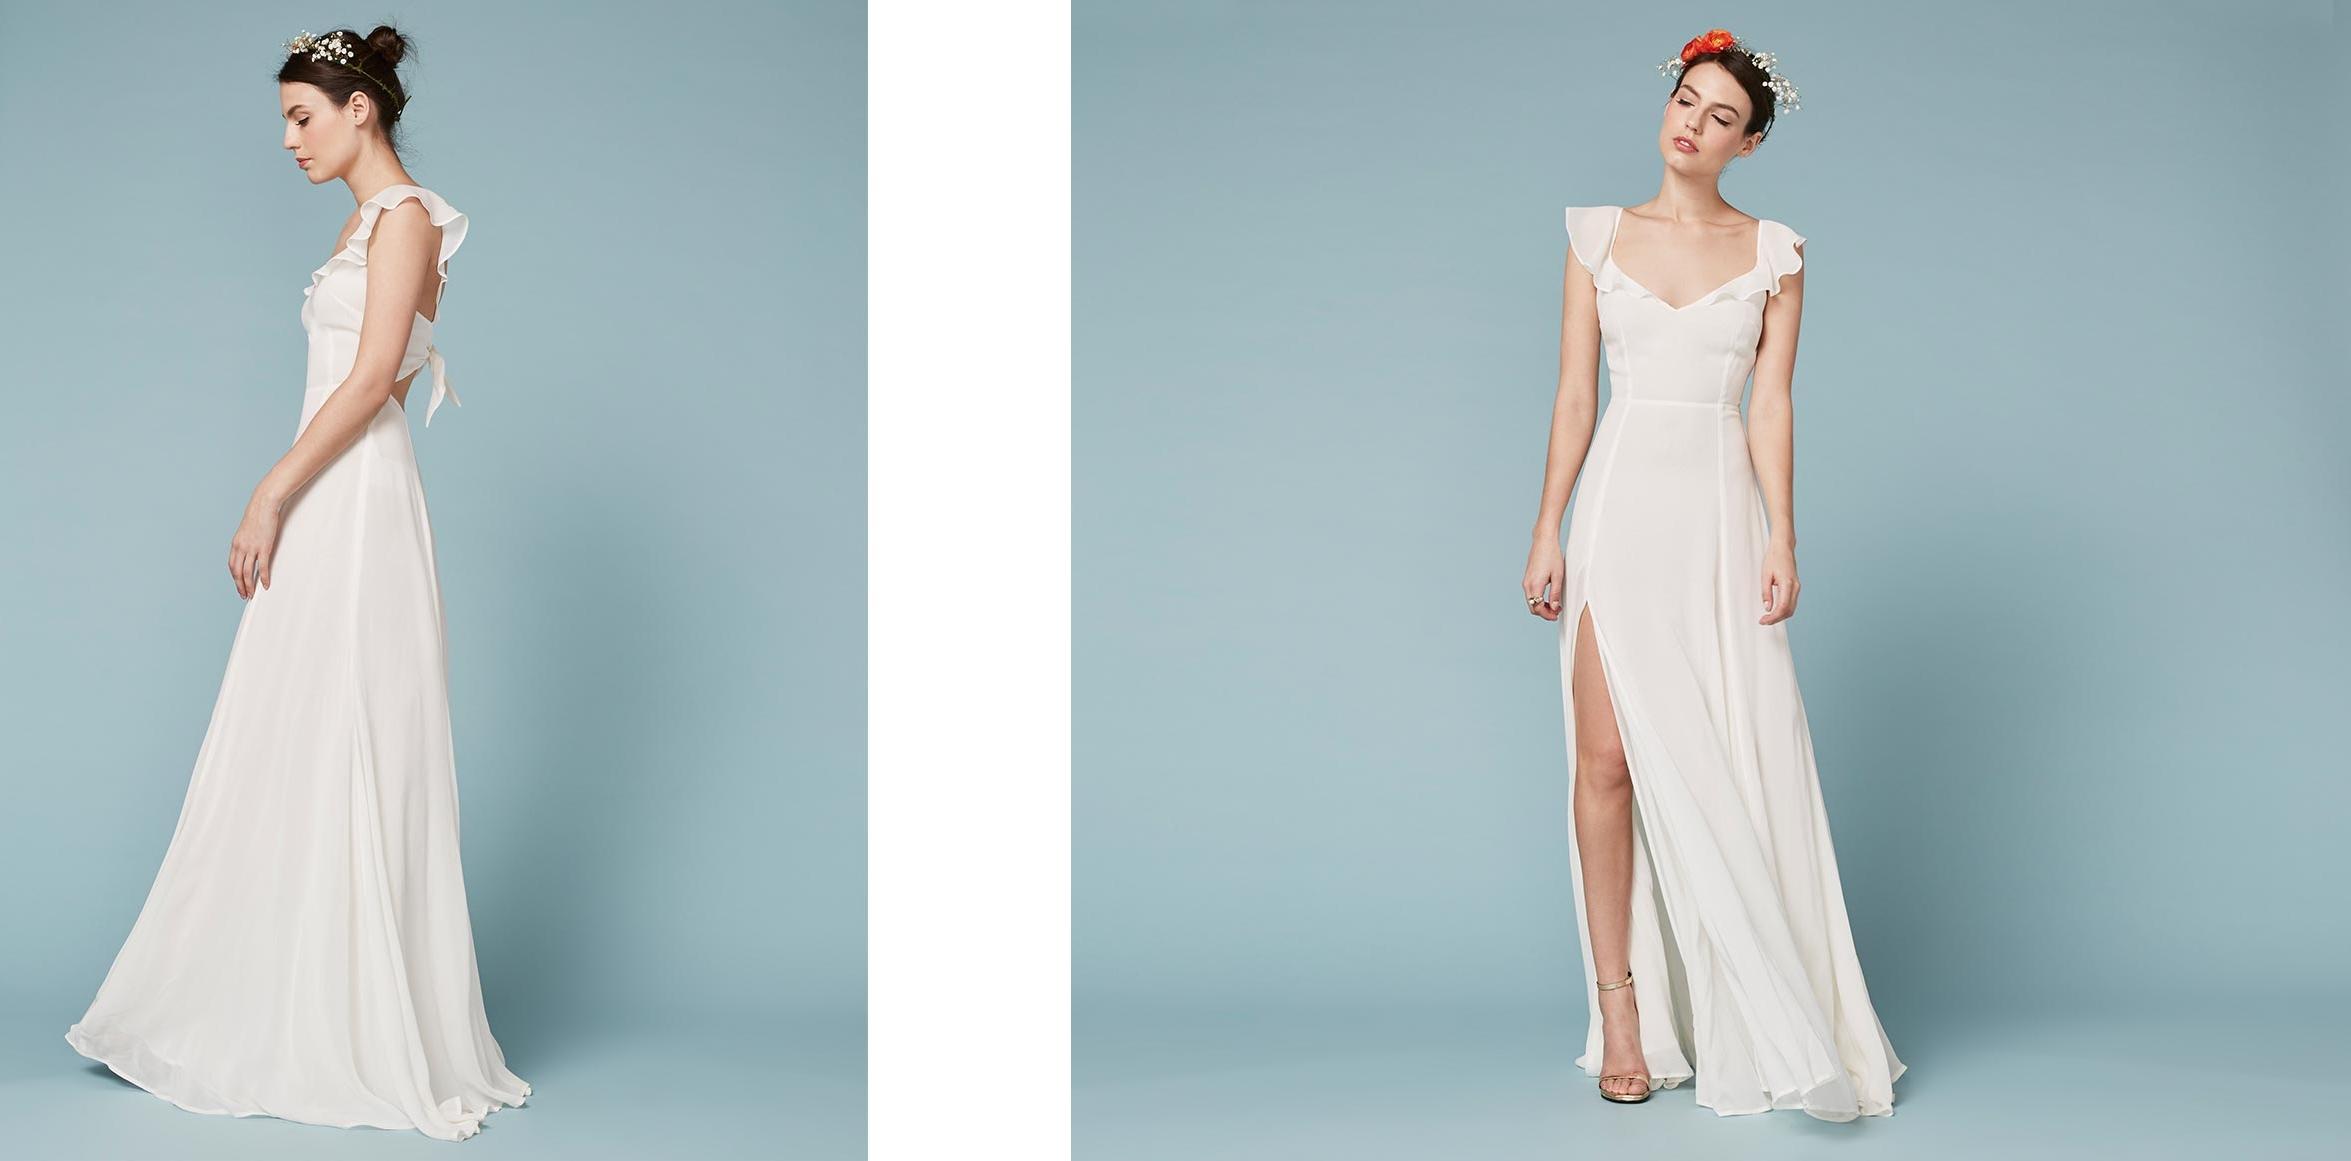 Vestido de novia con abertura en las piernas